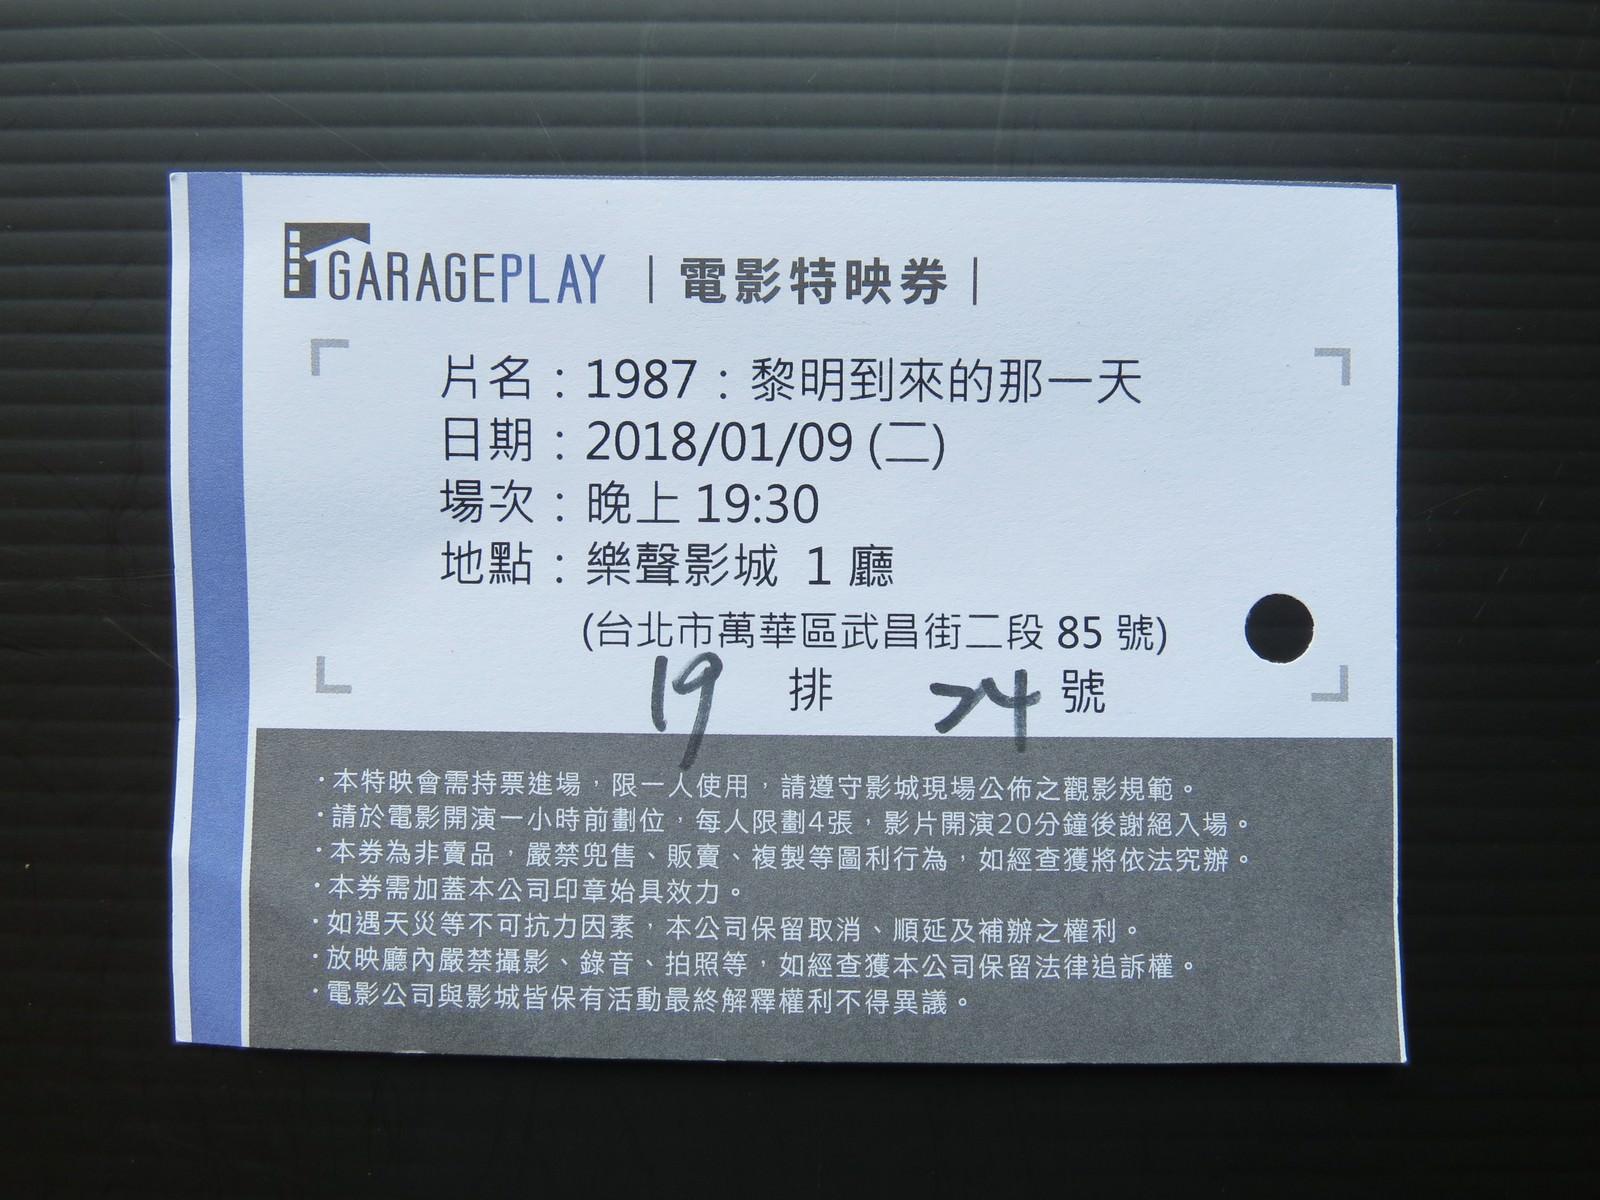 Movie, 1987(韓國, 2017) / 1987:黎明到來的那一天(台灣) / 1987: When The Day Comes(英文), 特映會電影票